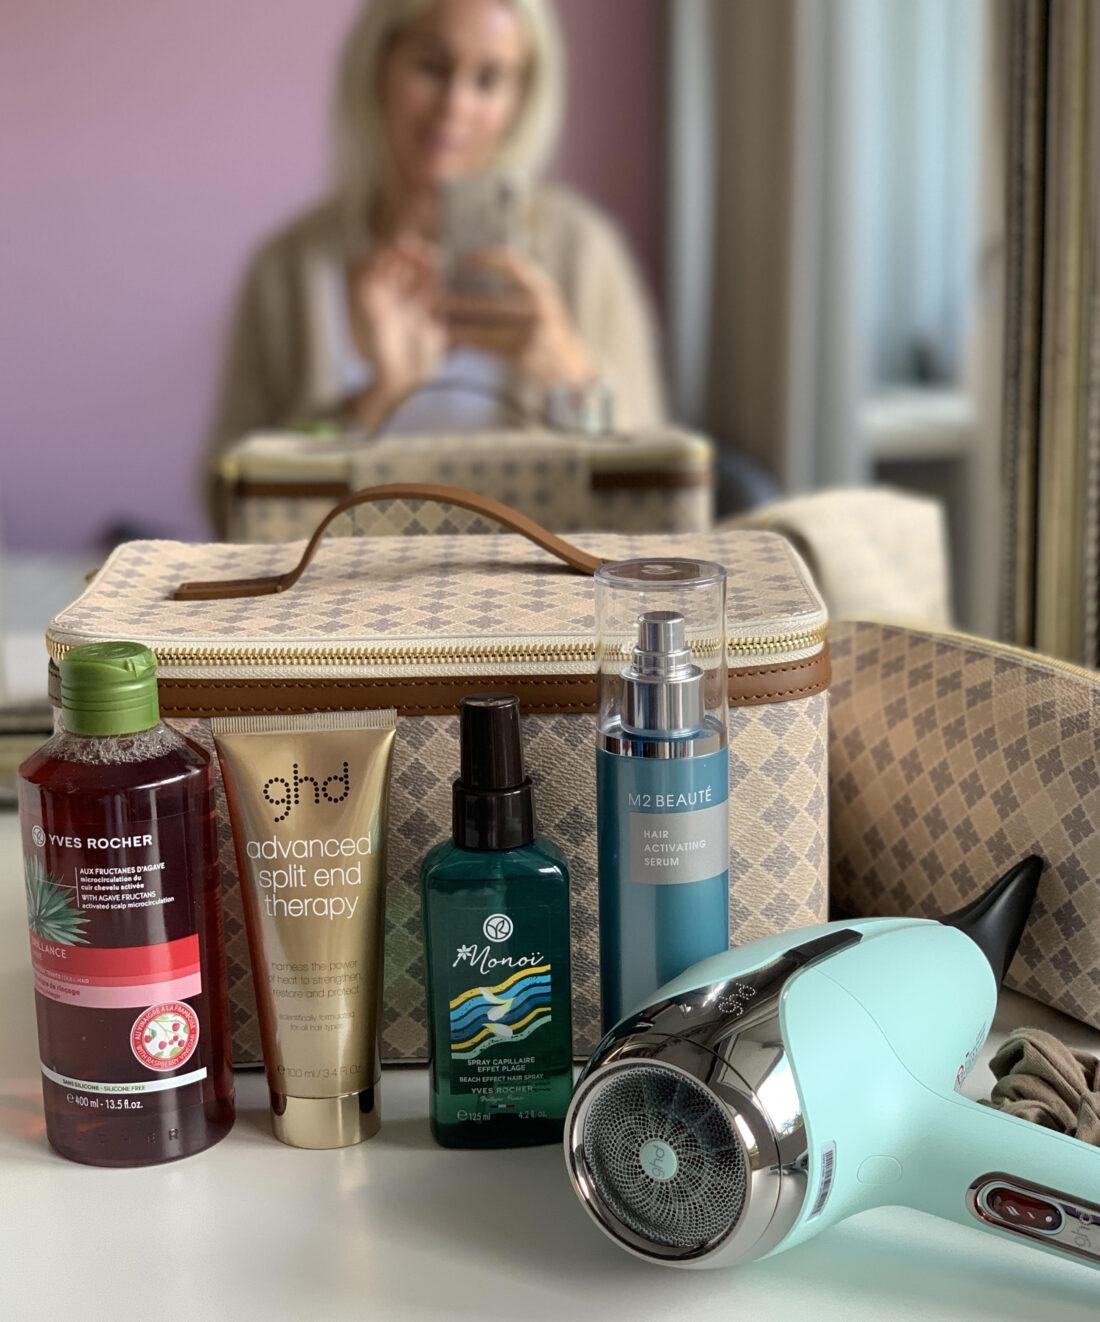 hårfavoritter, saltvansspray, håreddike, hårserum, hårpleje, hårtørrer,